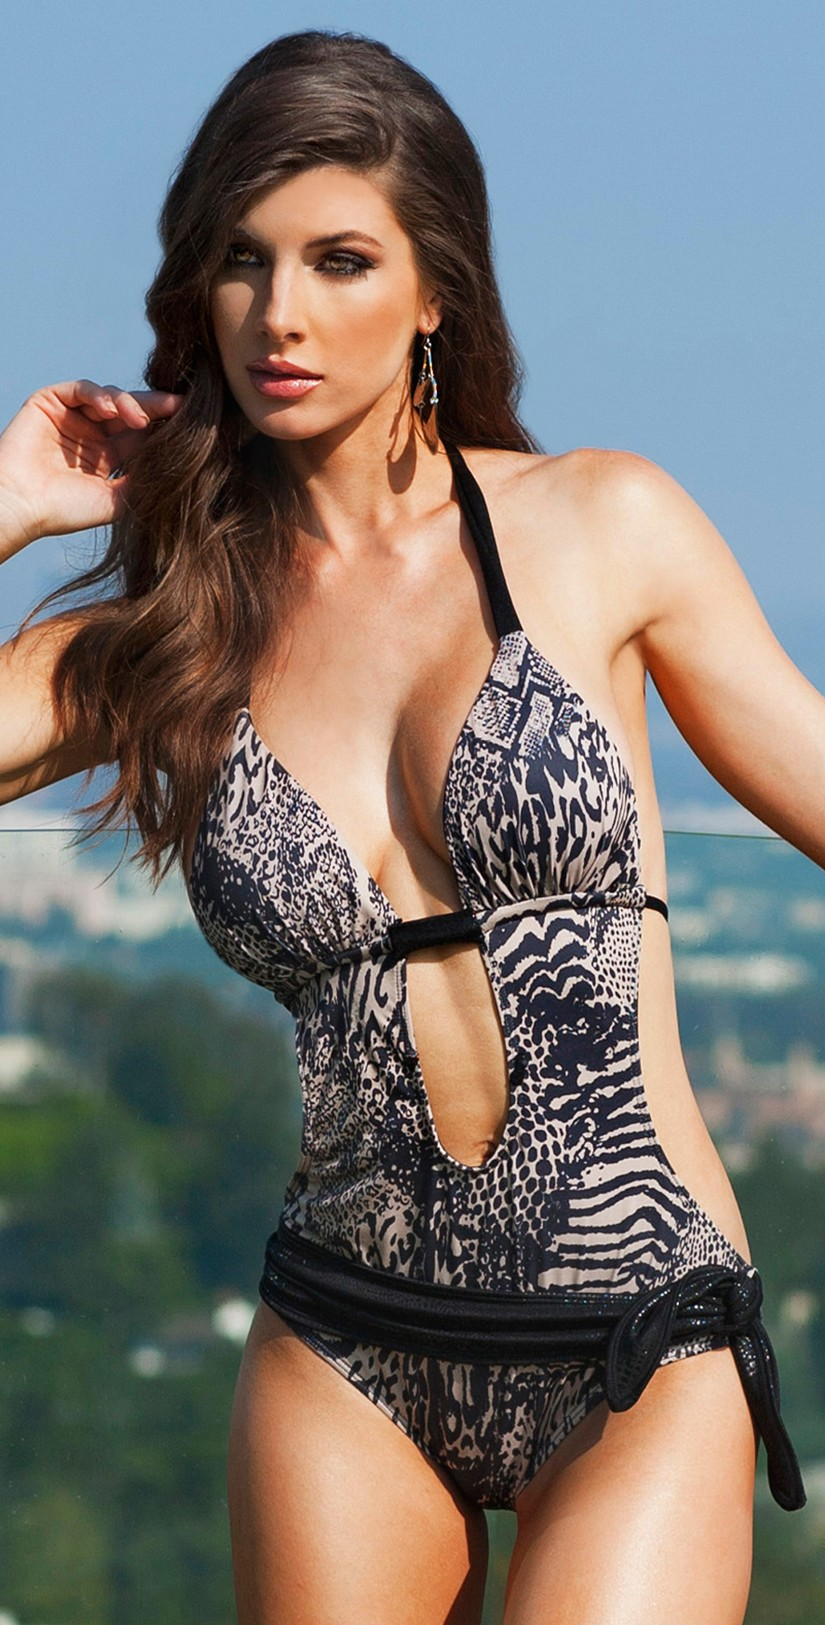 Как быть в тренде на пляже этим летом. Выбираем купальник 2013.